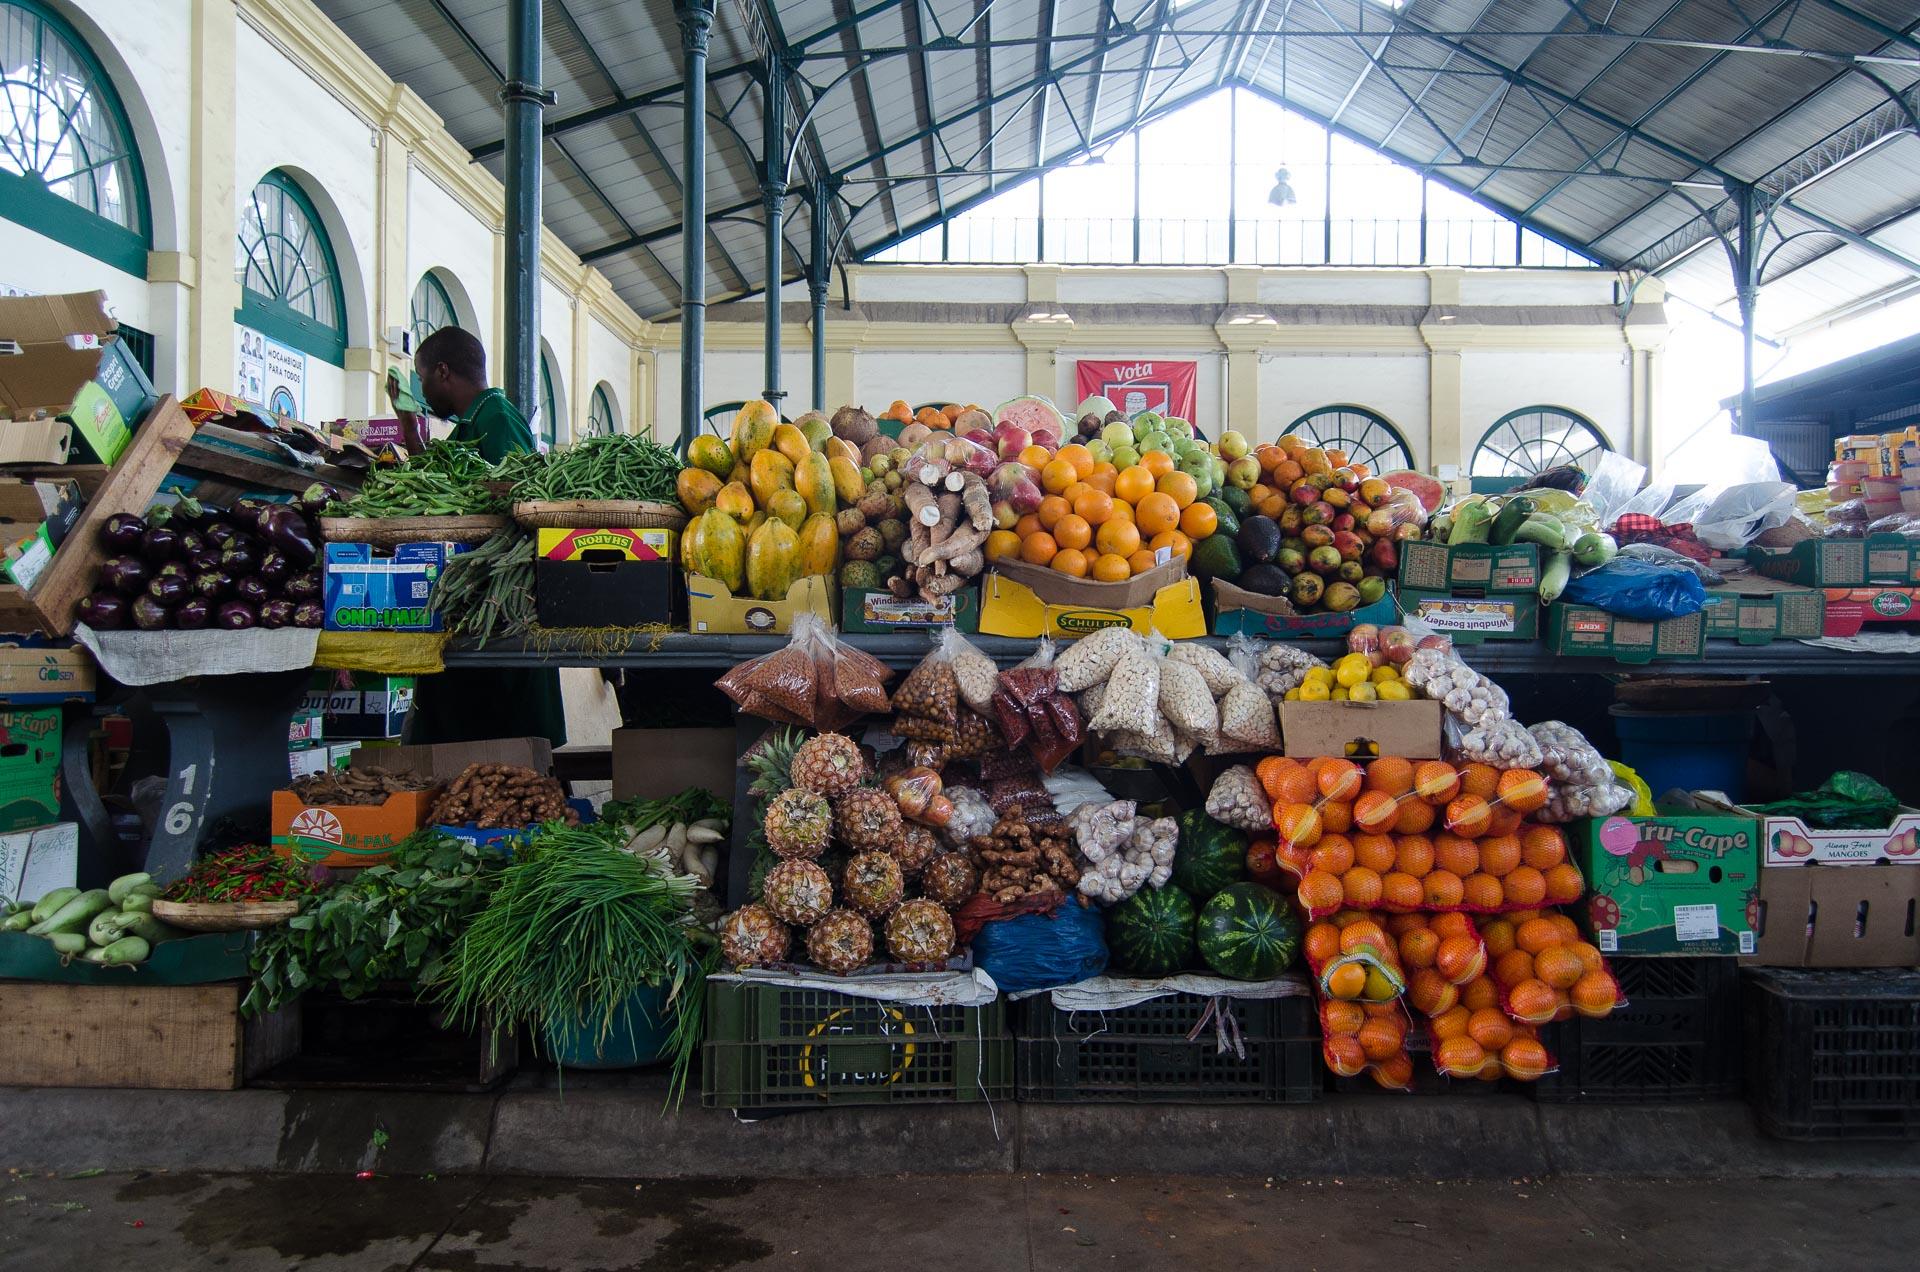 16-afrika-mosambik-maputo-markt-c-arianebille